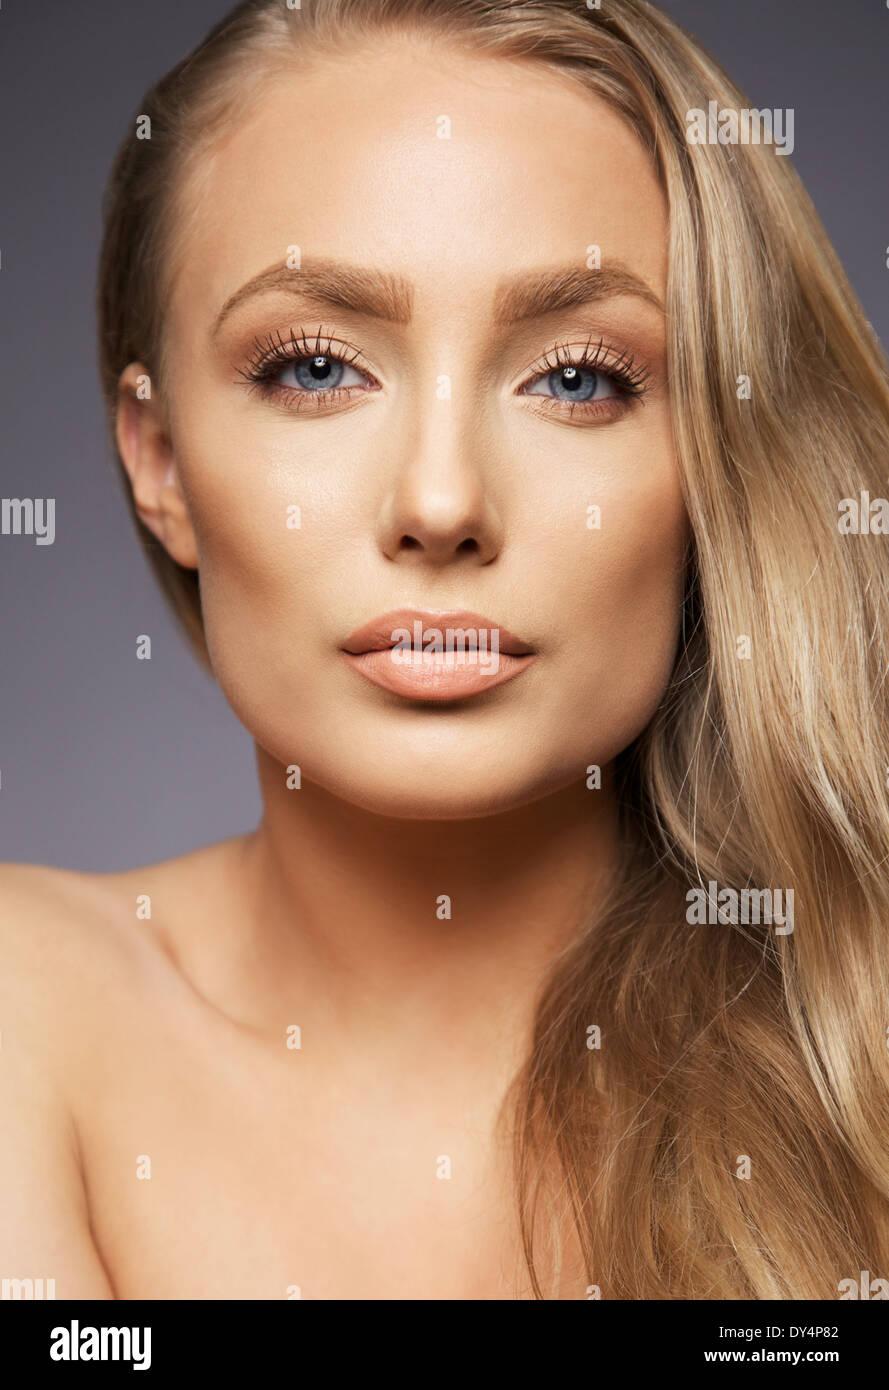 Close Up retrato de mujer bonita rubia sobre fondo gris. Rostro perfecto y maquillaje. Mirando a la cámara. Imagen De Stock